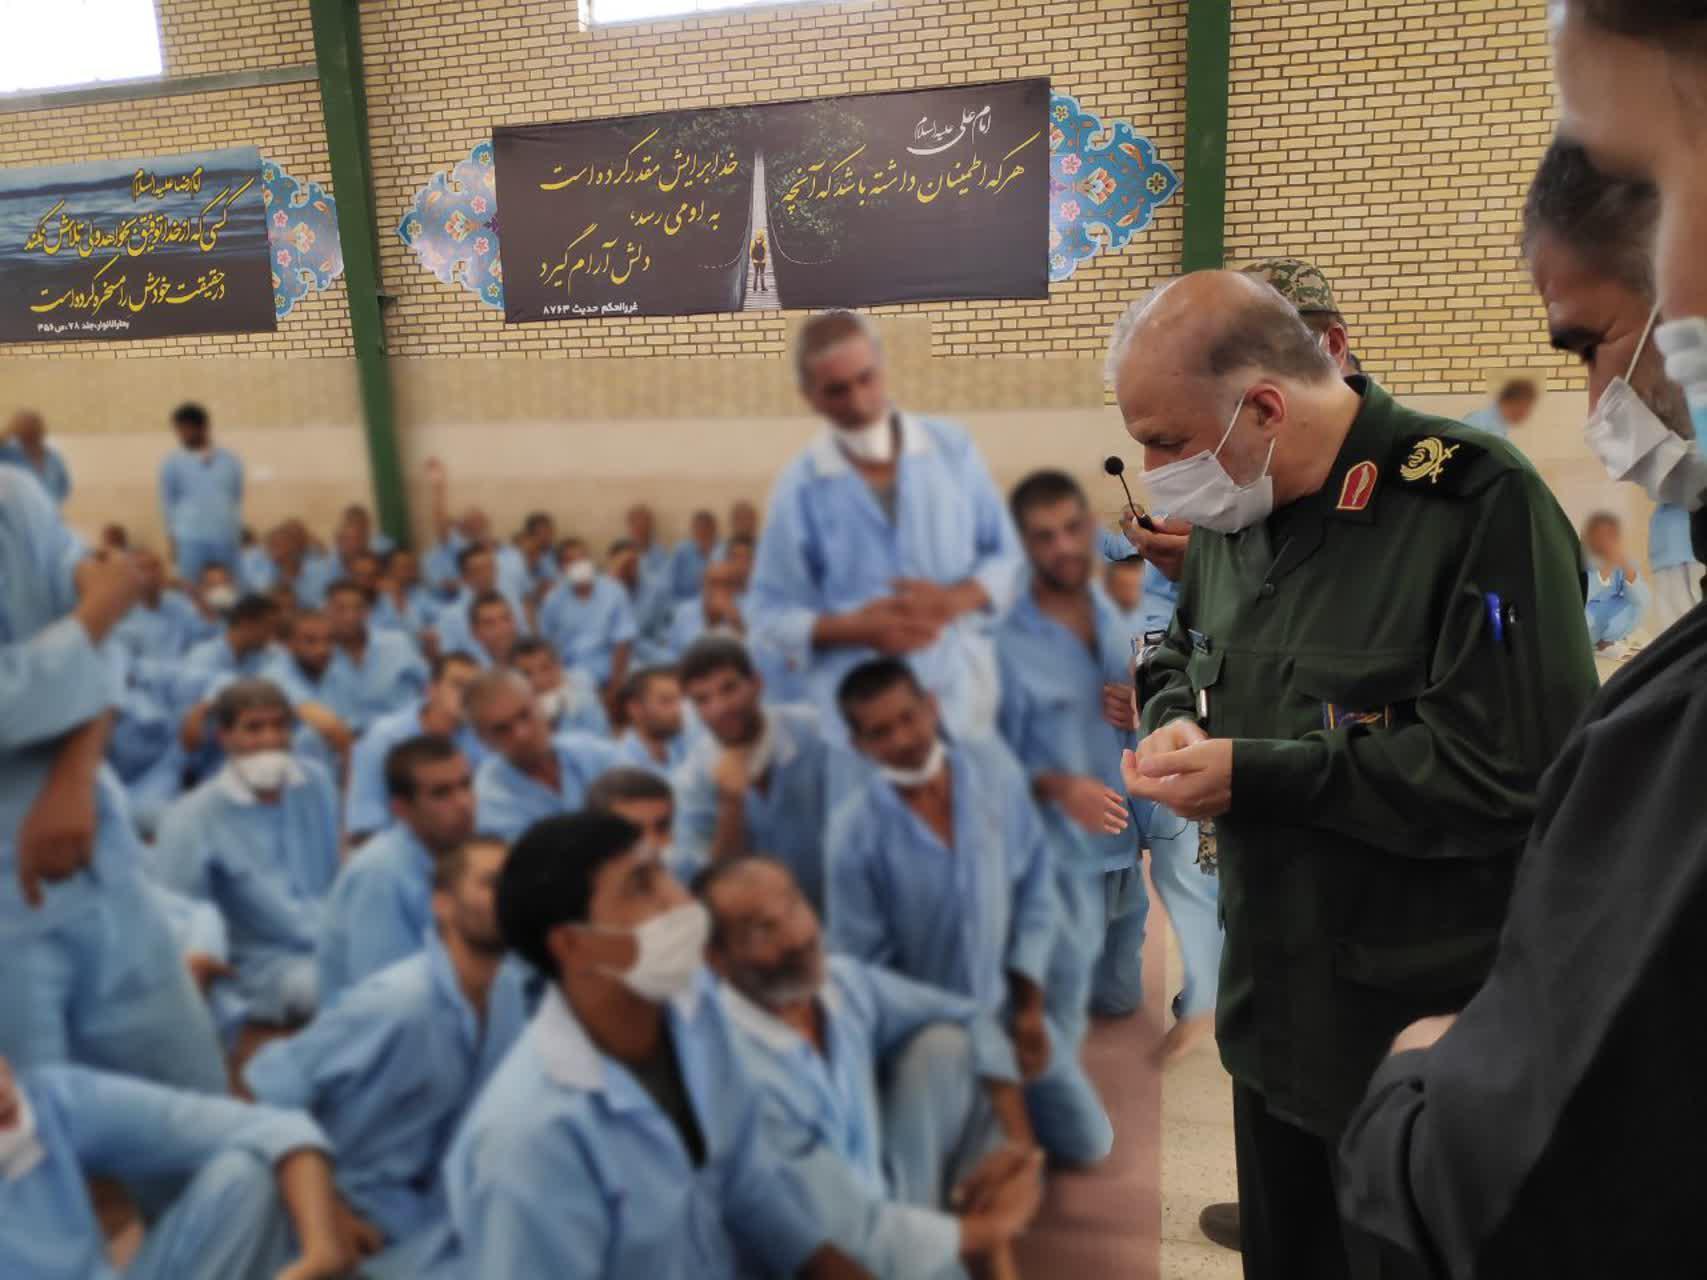 گزارش تصویری بازدید فرمانده سپاه صاحب الزمان (عج) سردار فدا از اردوگاه کرامت استان اصفهان